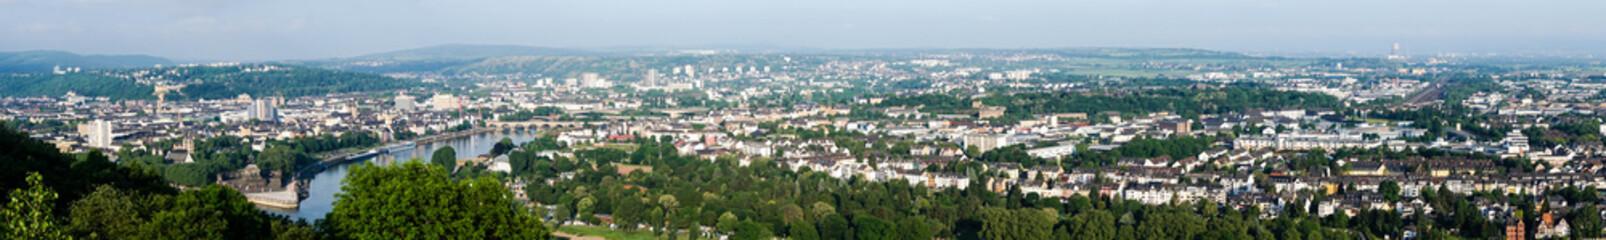 Panorama von Koblenz mir deutschen Eck